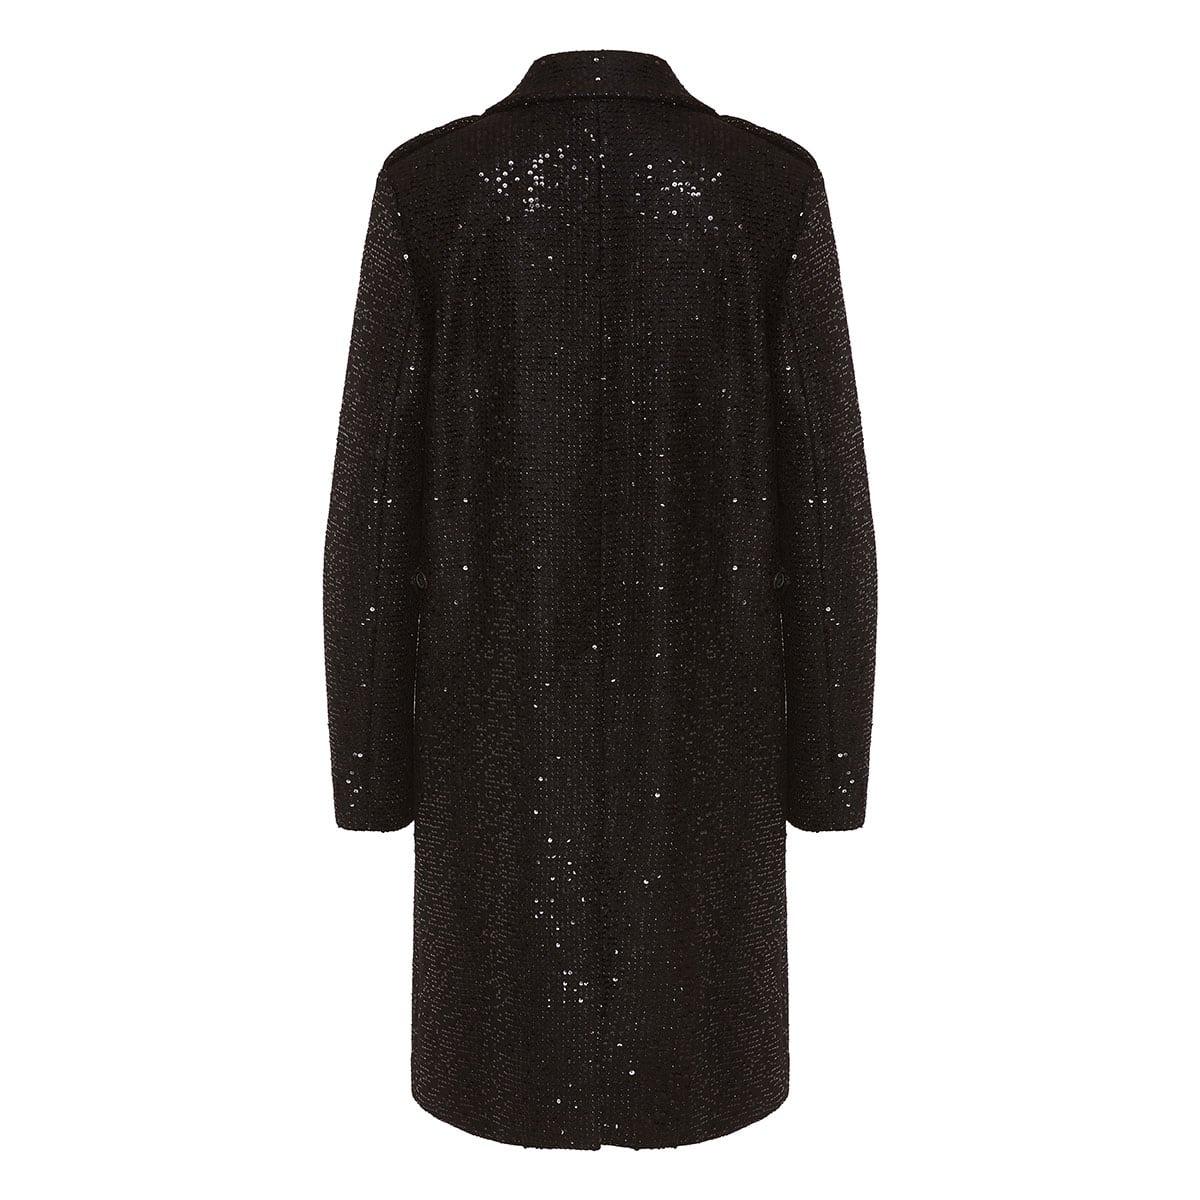 Sequin tweed coat